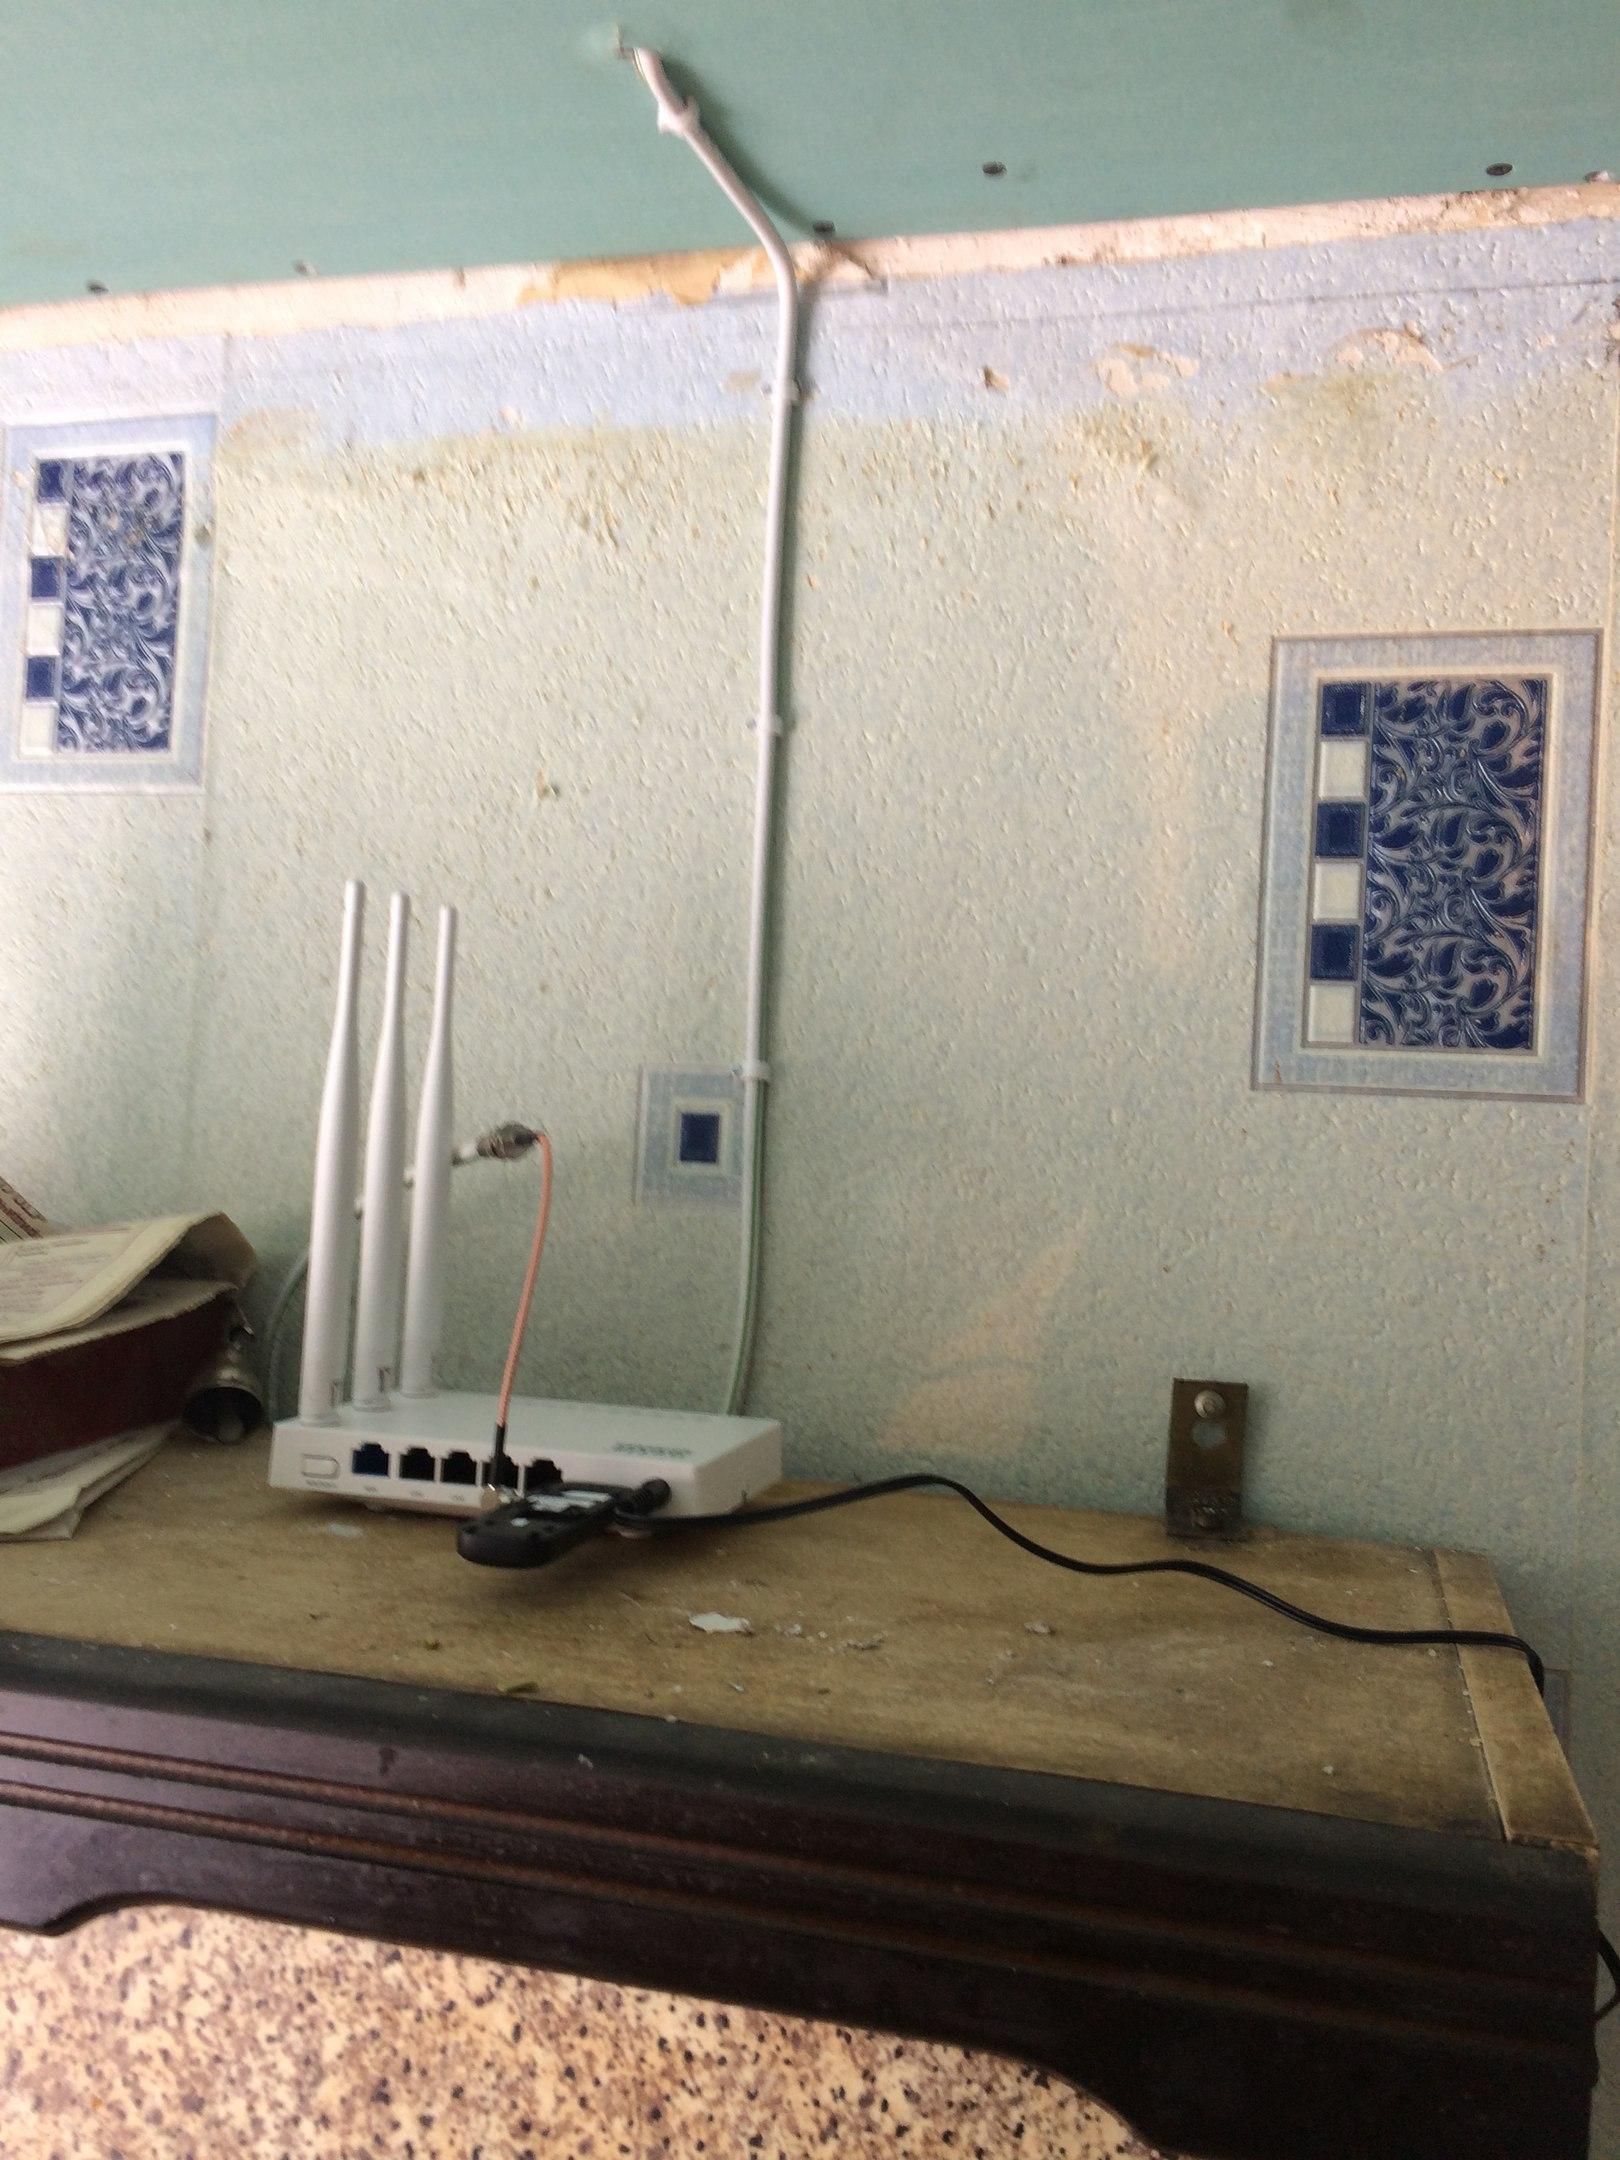 Интернет в частный дом, Арсеньевский район, поселок Буревестник.